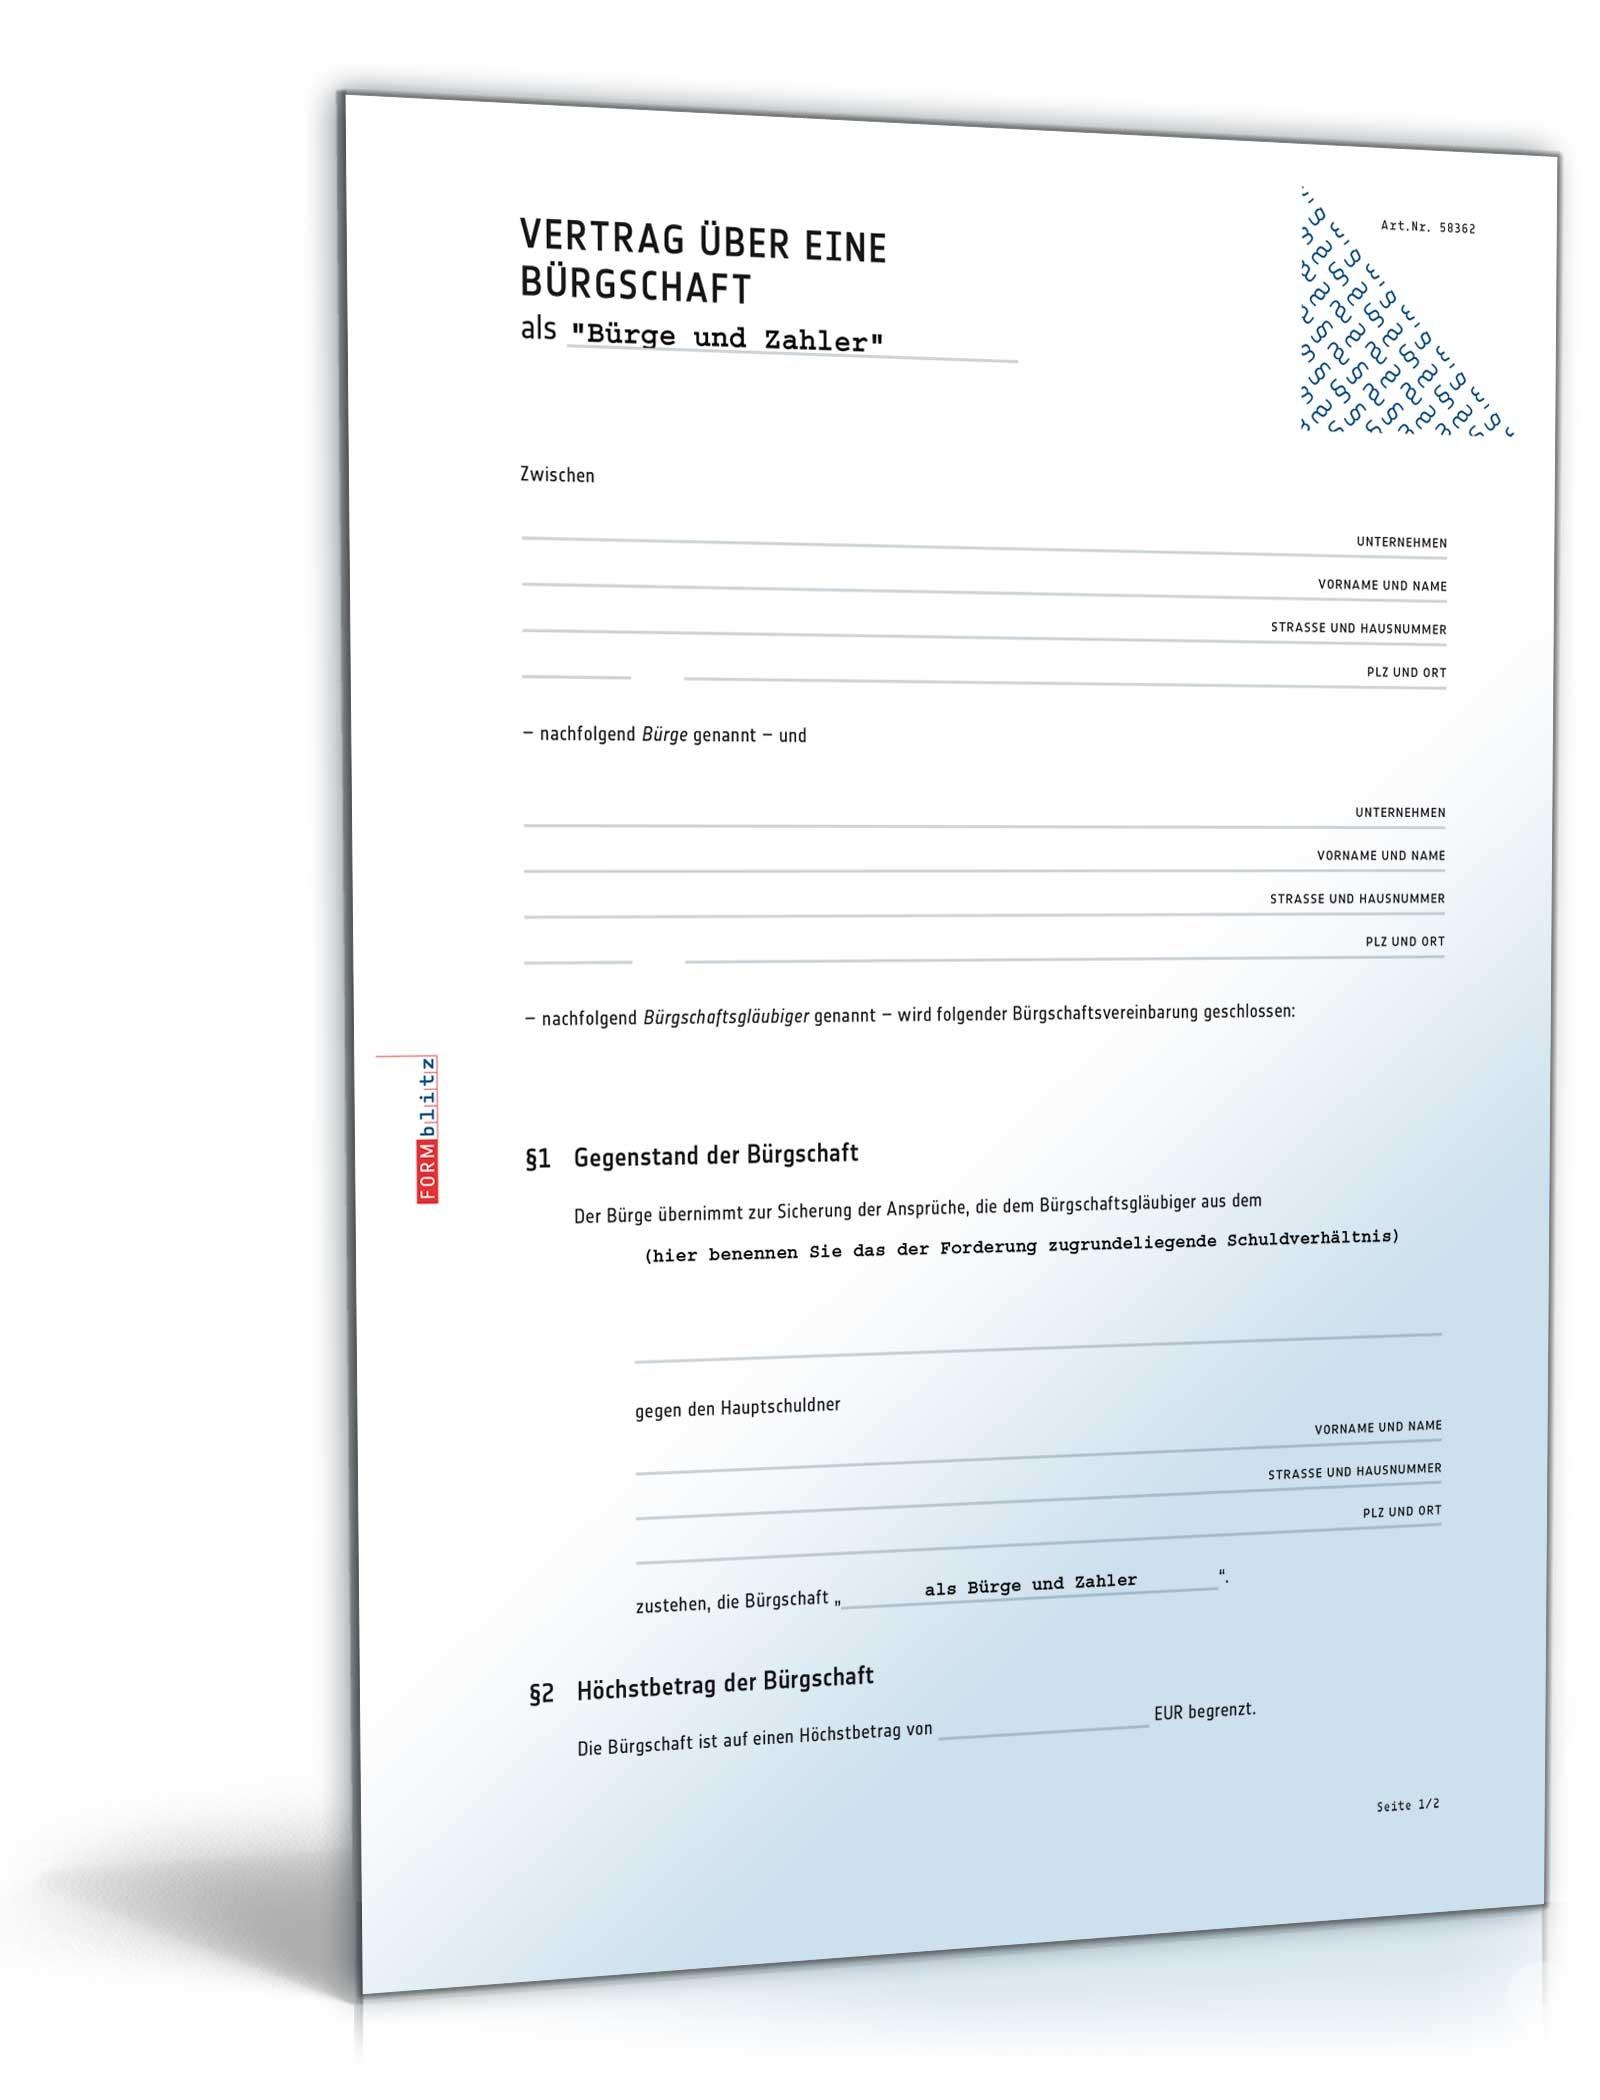 brgschaftsvertrag als brge zahler muster zum download - Burgschaft Muster